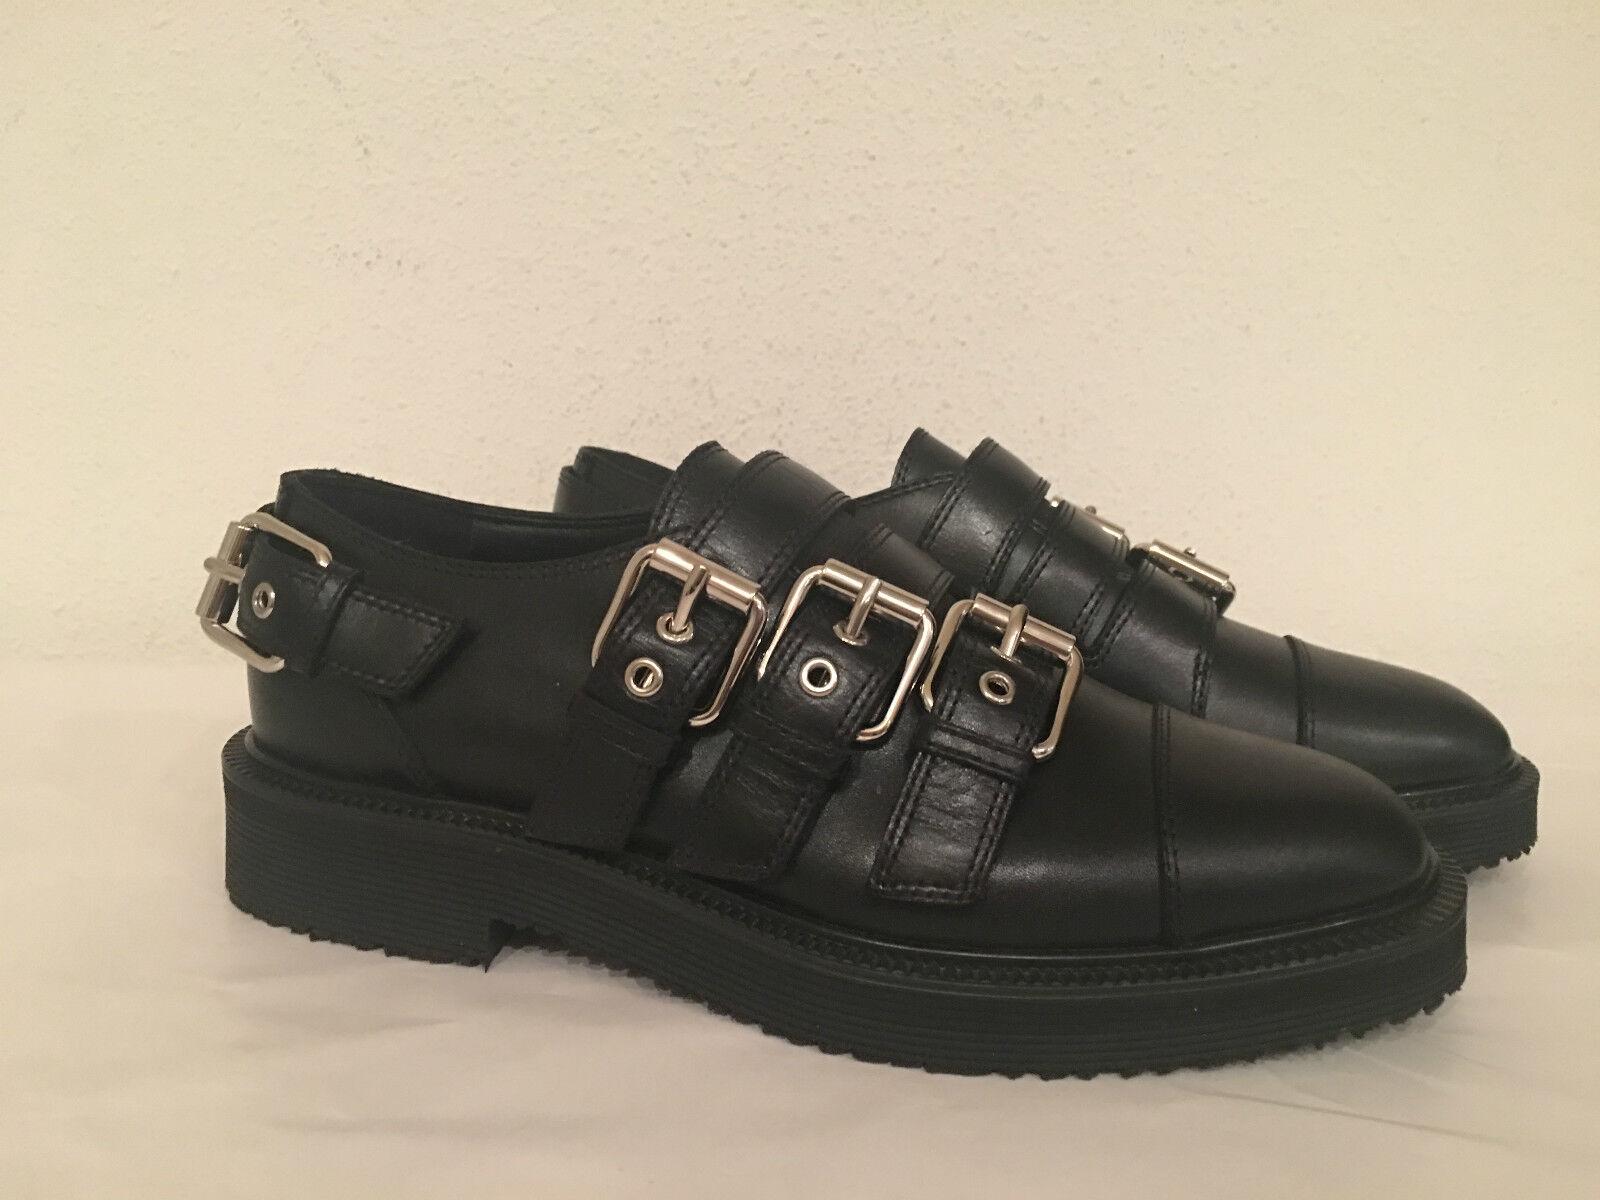 disegni esclusivi NEW GIUSEPPE GIUSEPPE GIUSEPPE ZANOTTI nero LEATHER HILARY BUCKLED OXFORD scarpe Dimensione 36.5  1195  più preferenziale